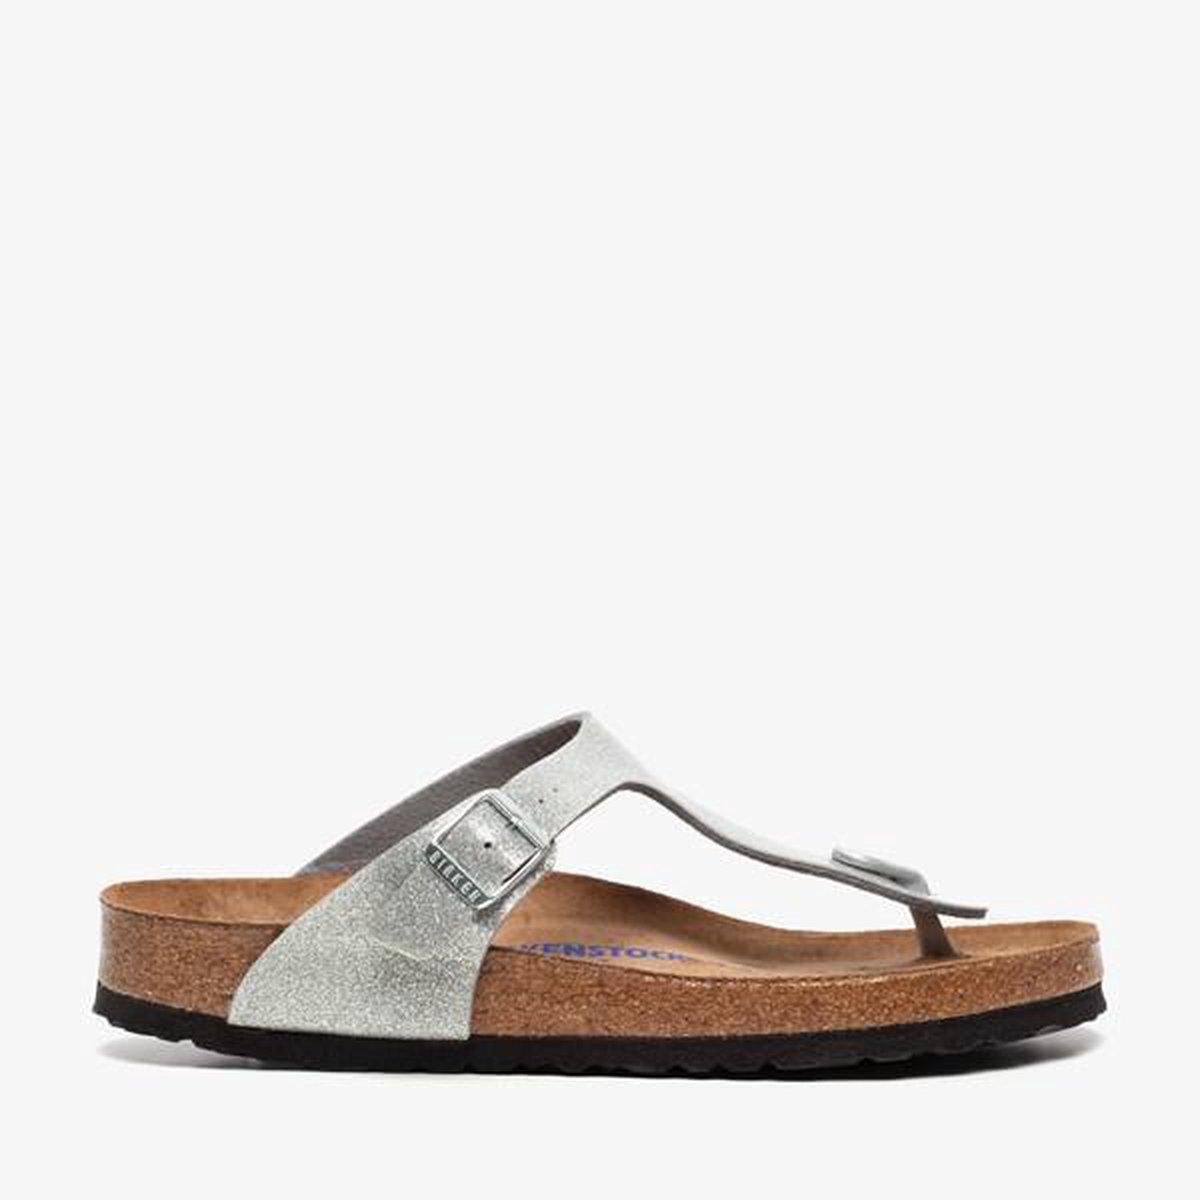 Birkenstock Gizeh dames teenslippers - Zilver - Maat 37 Slippers